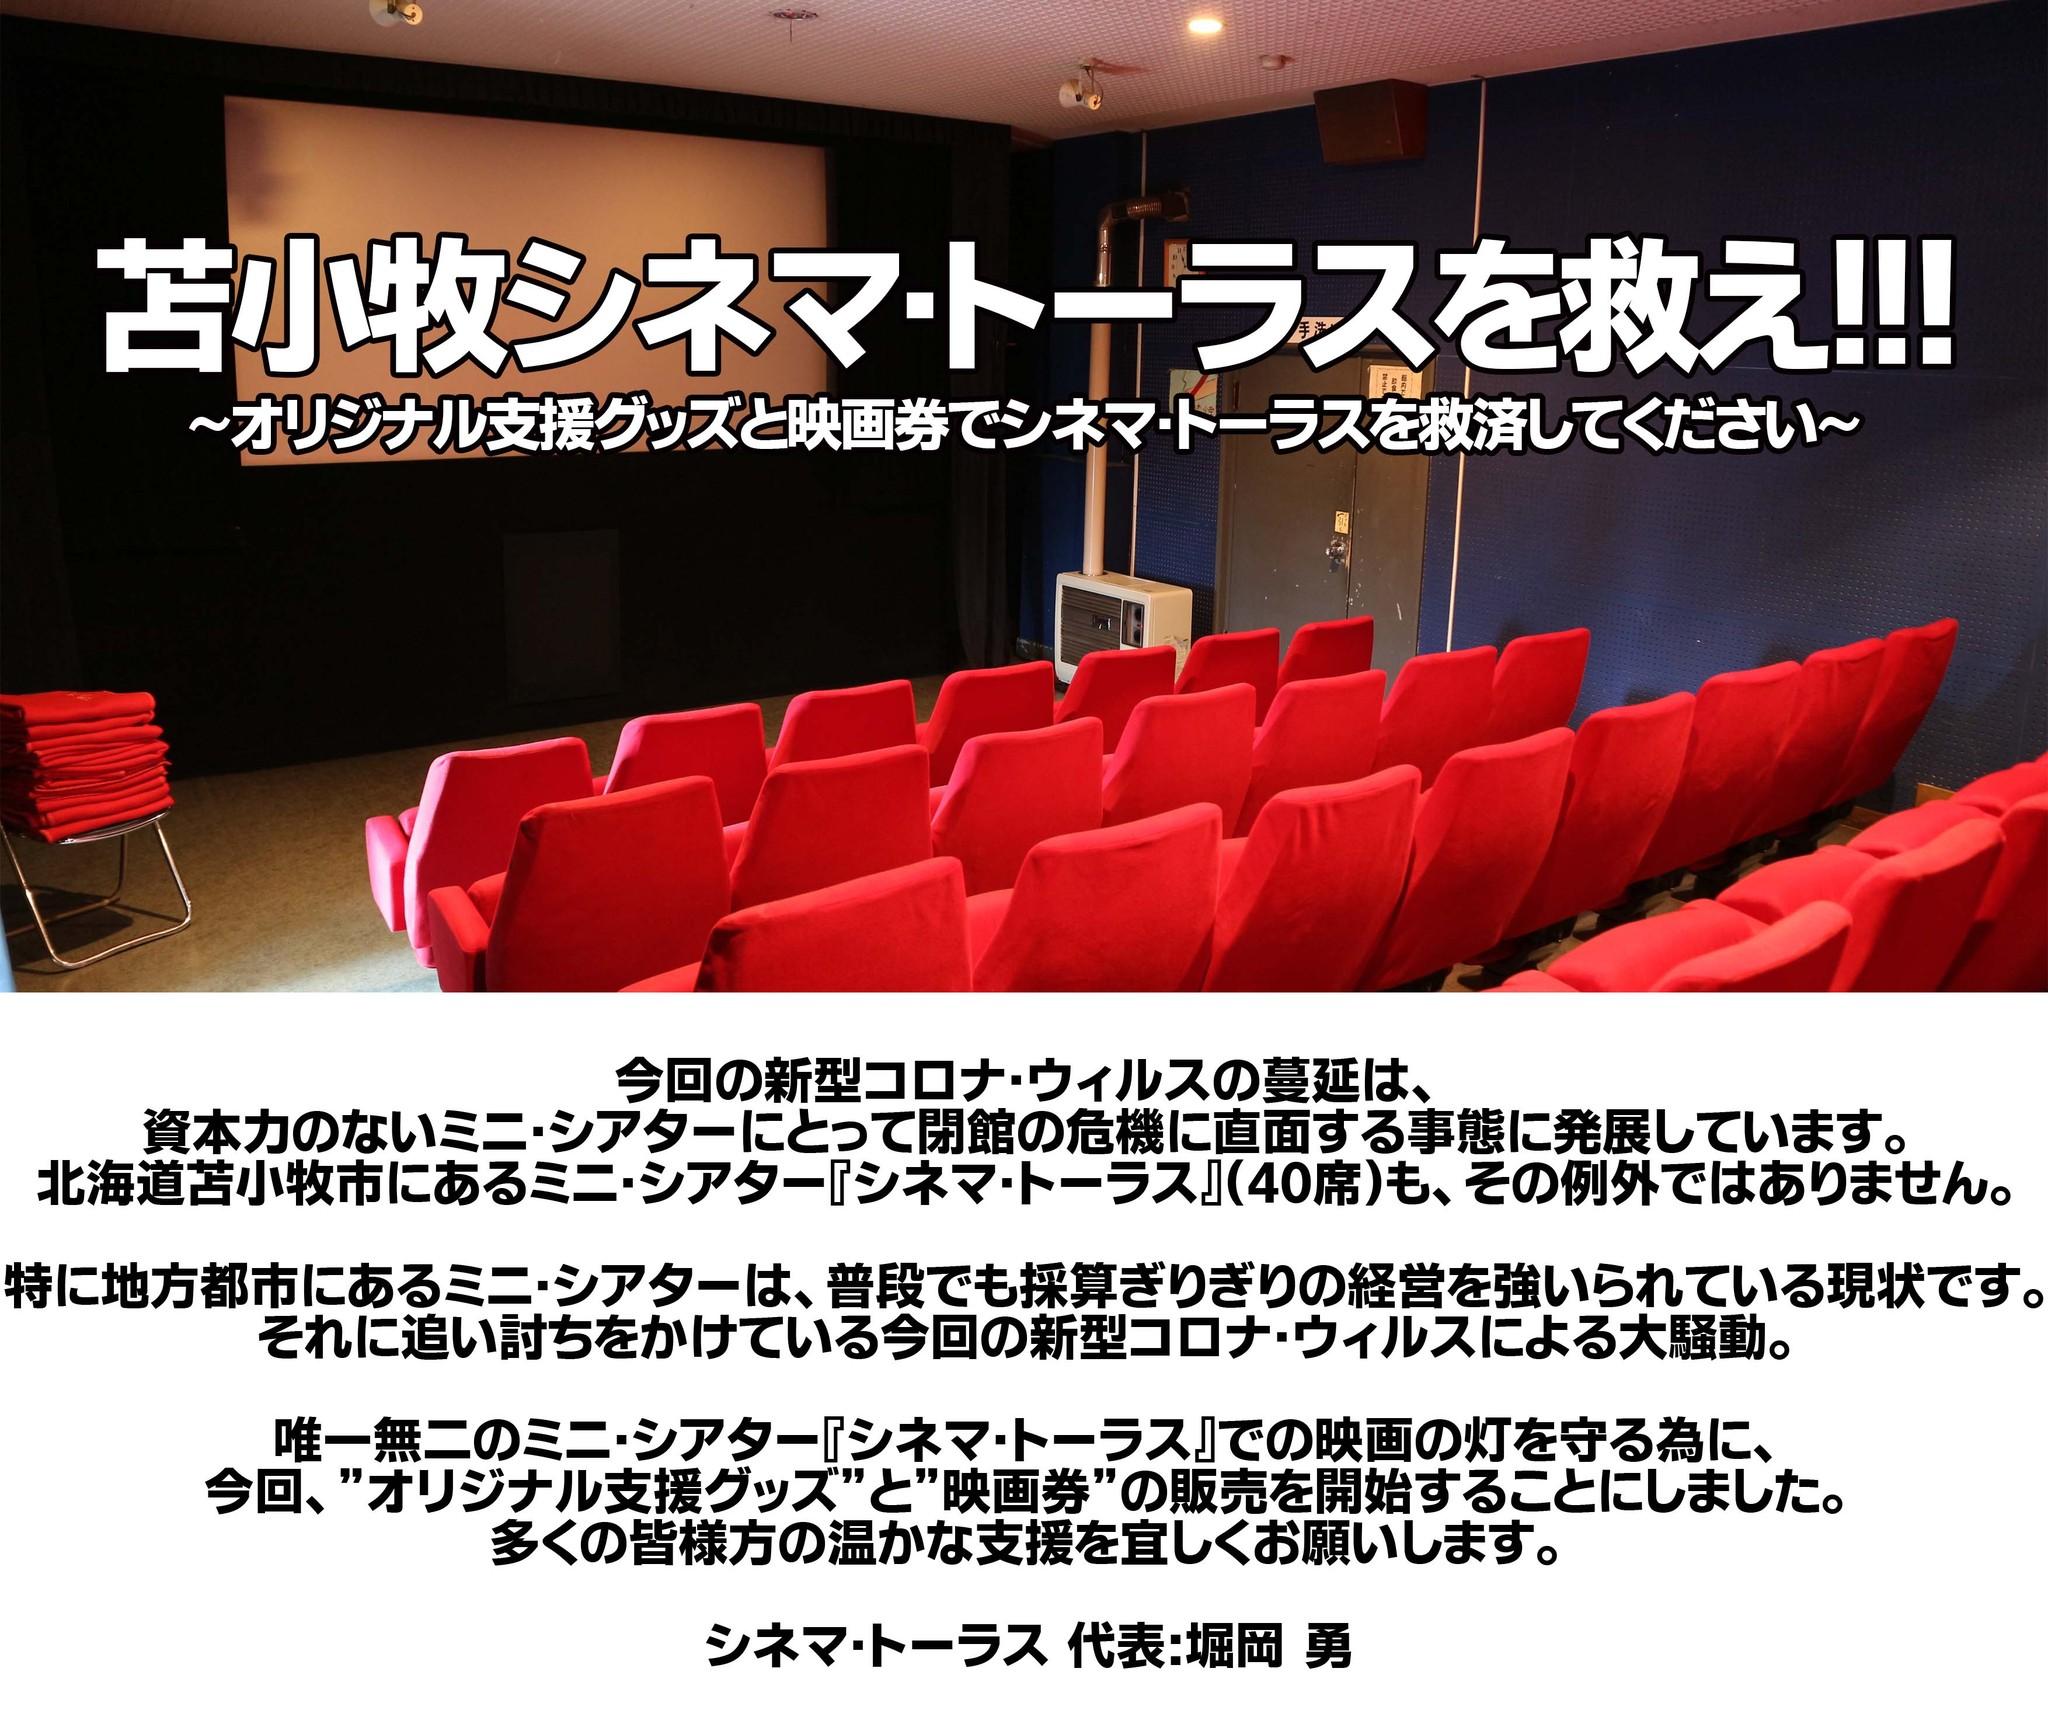 苫小牧シネマ・トーラスを救え!!! ~オリジナル支援グッズと映画券でシネマ・トーラスを救済してください~